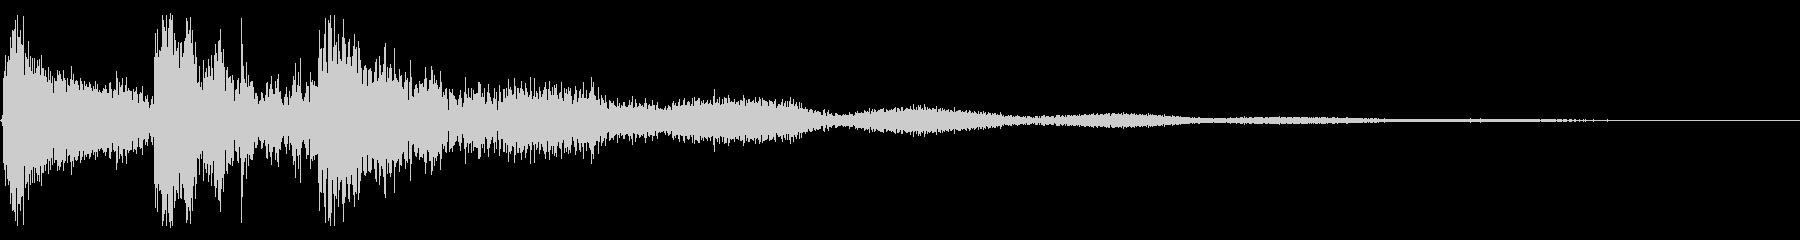 ダーク テレロン トイピアノの未再生の波形